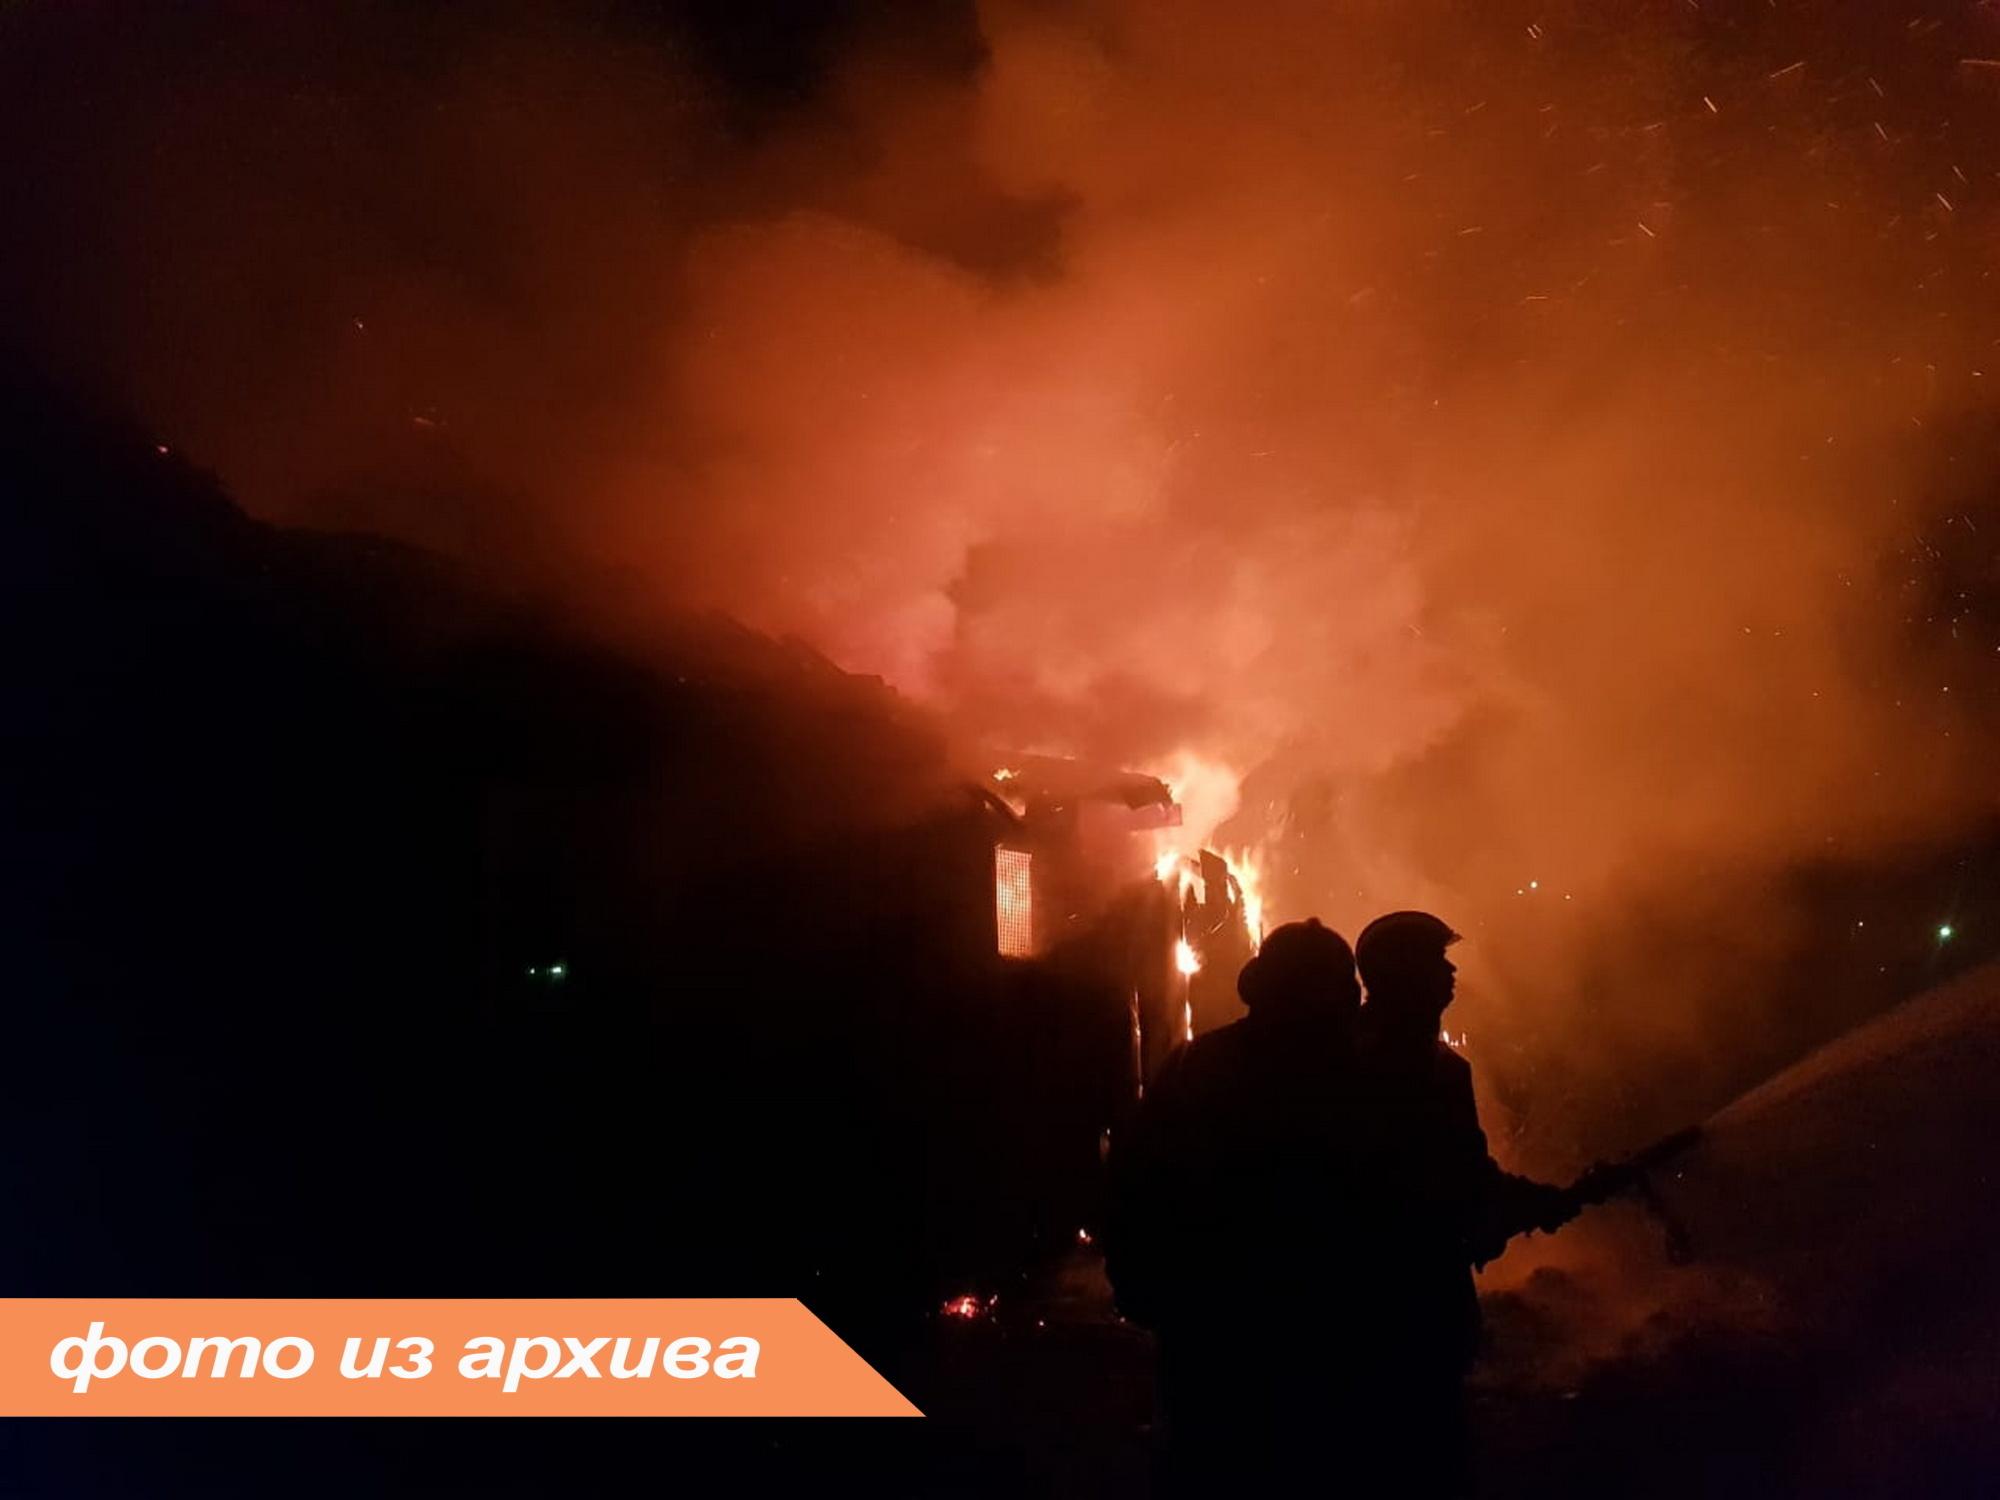 Пожарно-спасательное подразделение Ленинградской области ликвидировало пожар в г.Тихвин